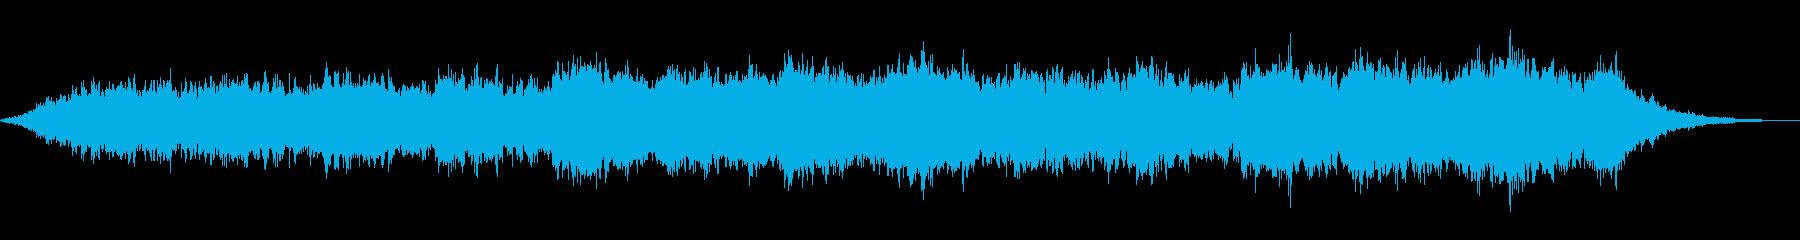 ヒーリング向けドリーミーなアンビエントの再生済みの波形